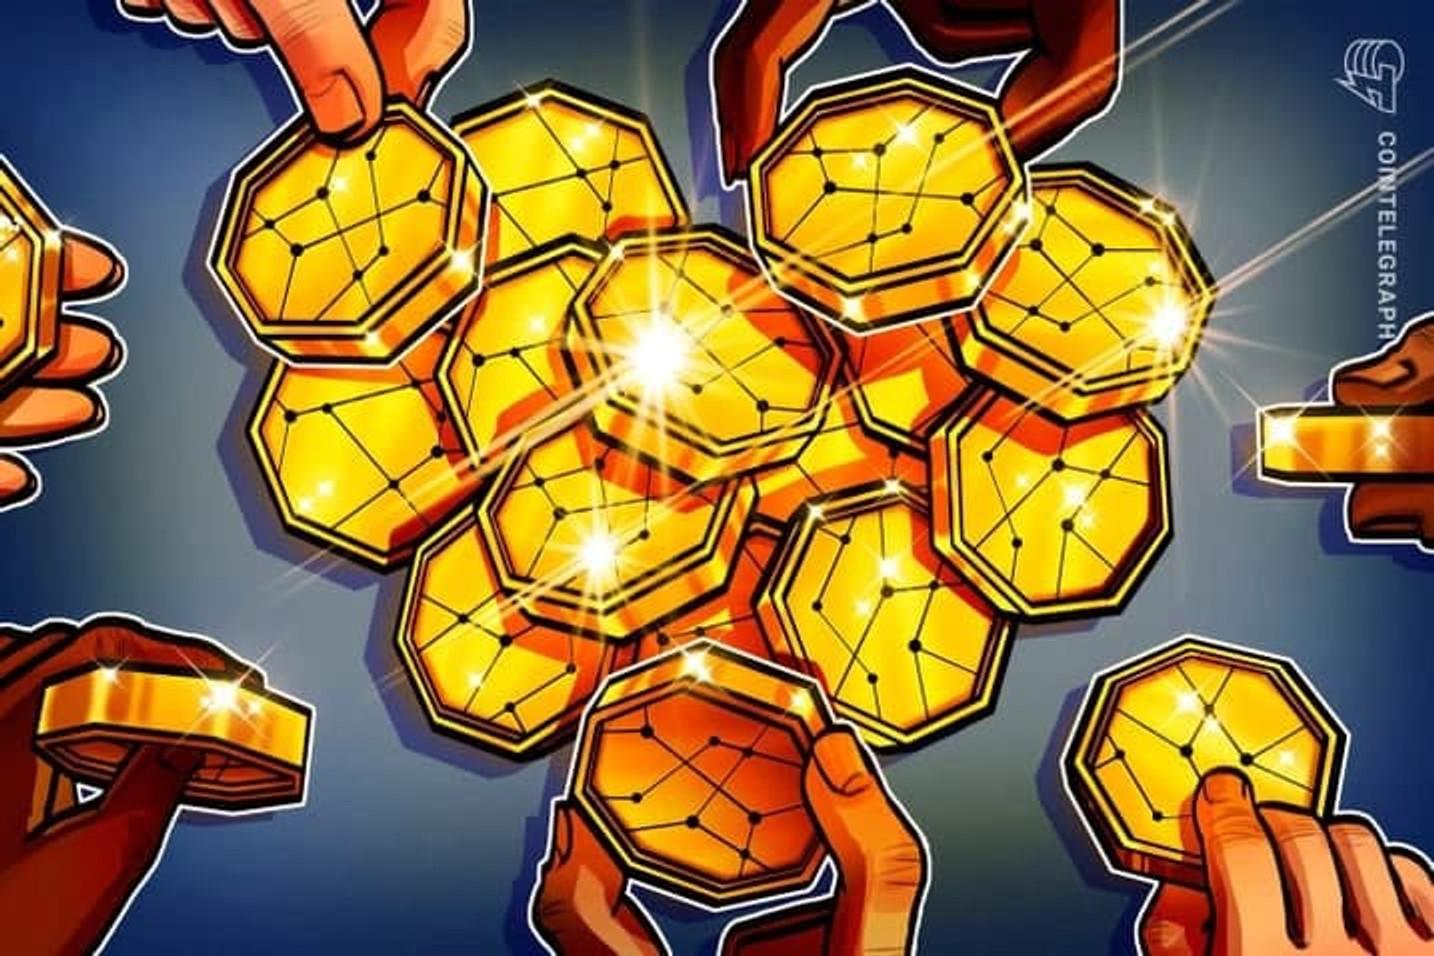 La rentabilidad de Bitcoin supera a la de todos los activos tradicionales sin necesidad de apalancamiento, según un estudio